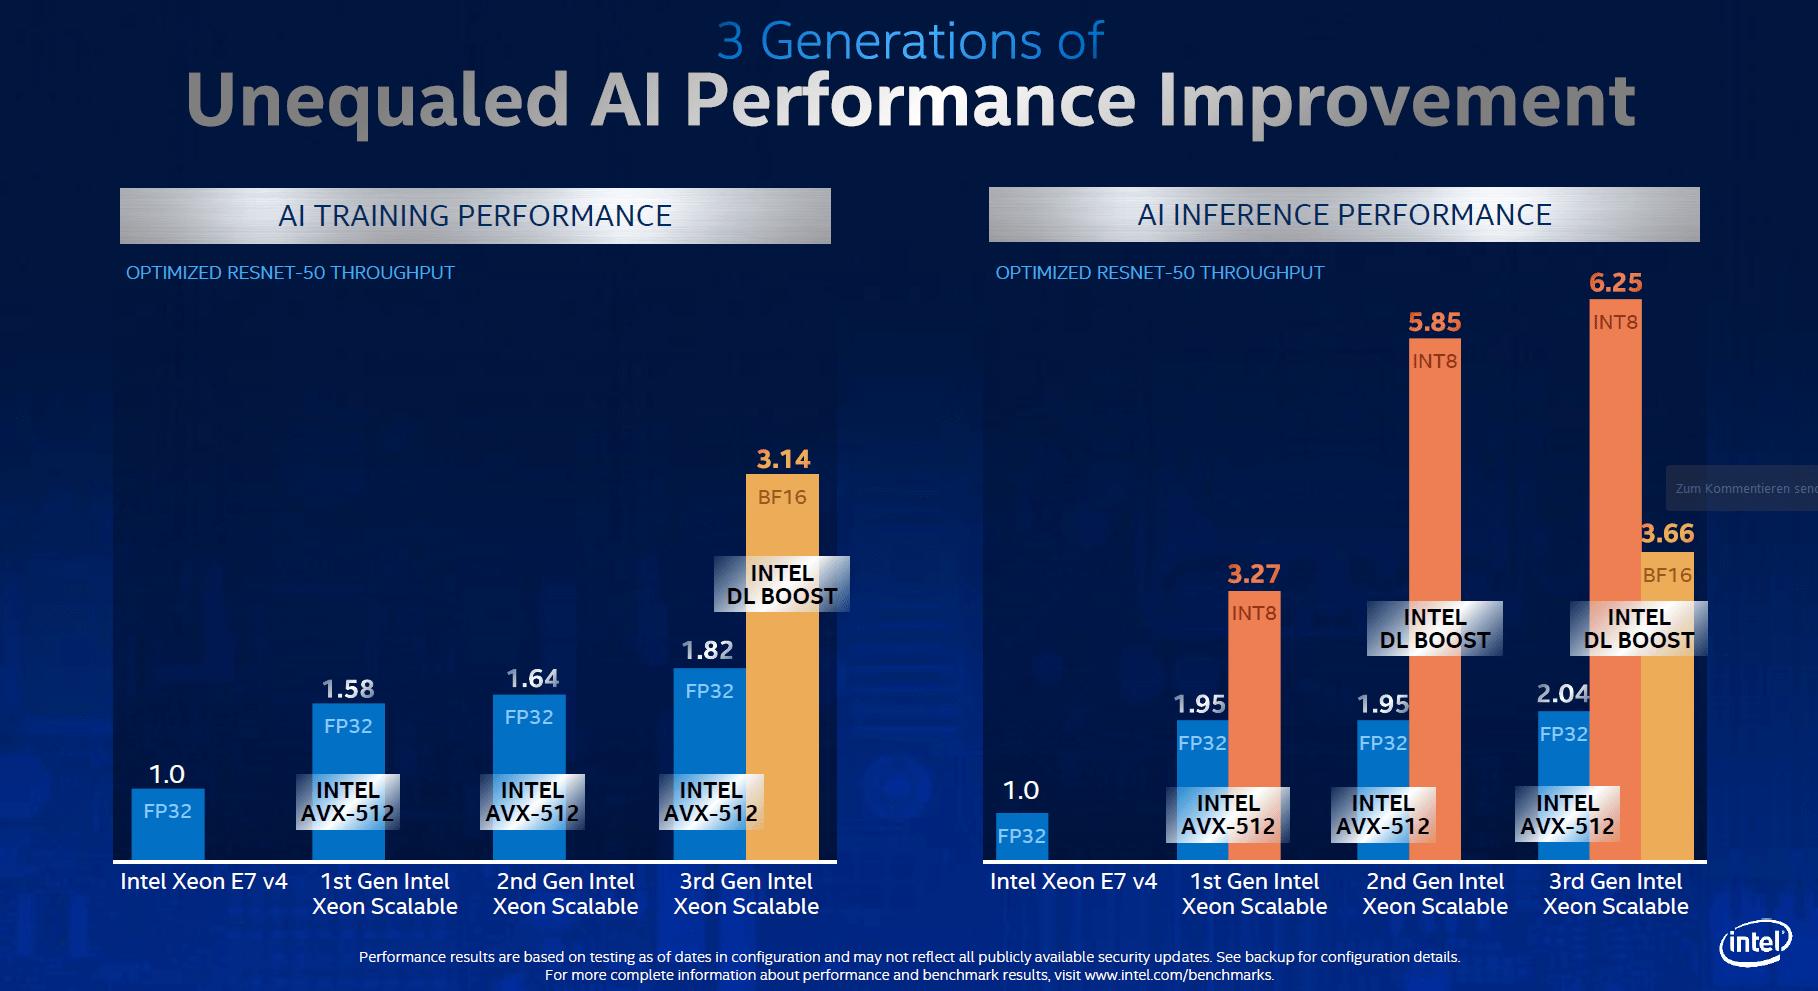 Intel-Instruktionen und Leistungsverbesserungen durch diese bei gleicher Anzahl an CPU-Kernen